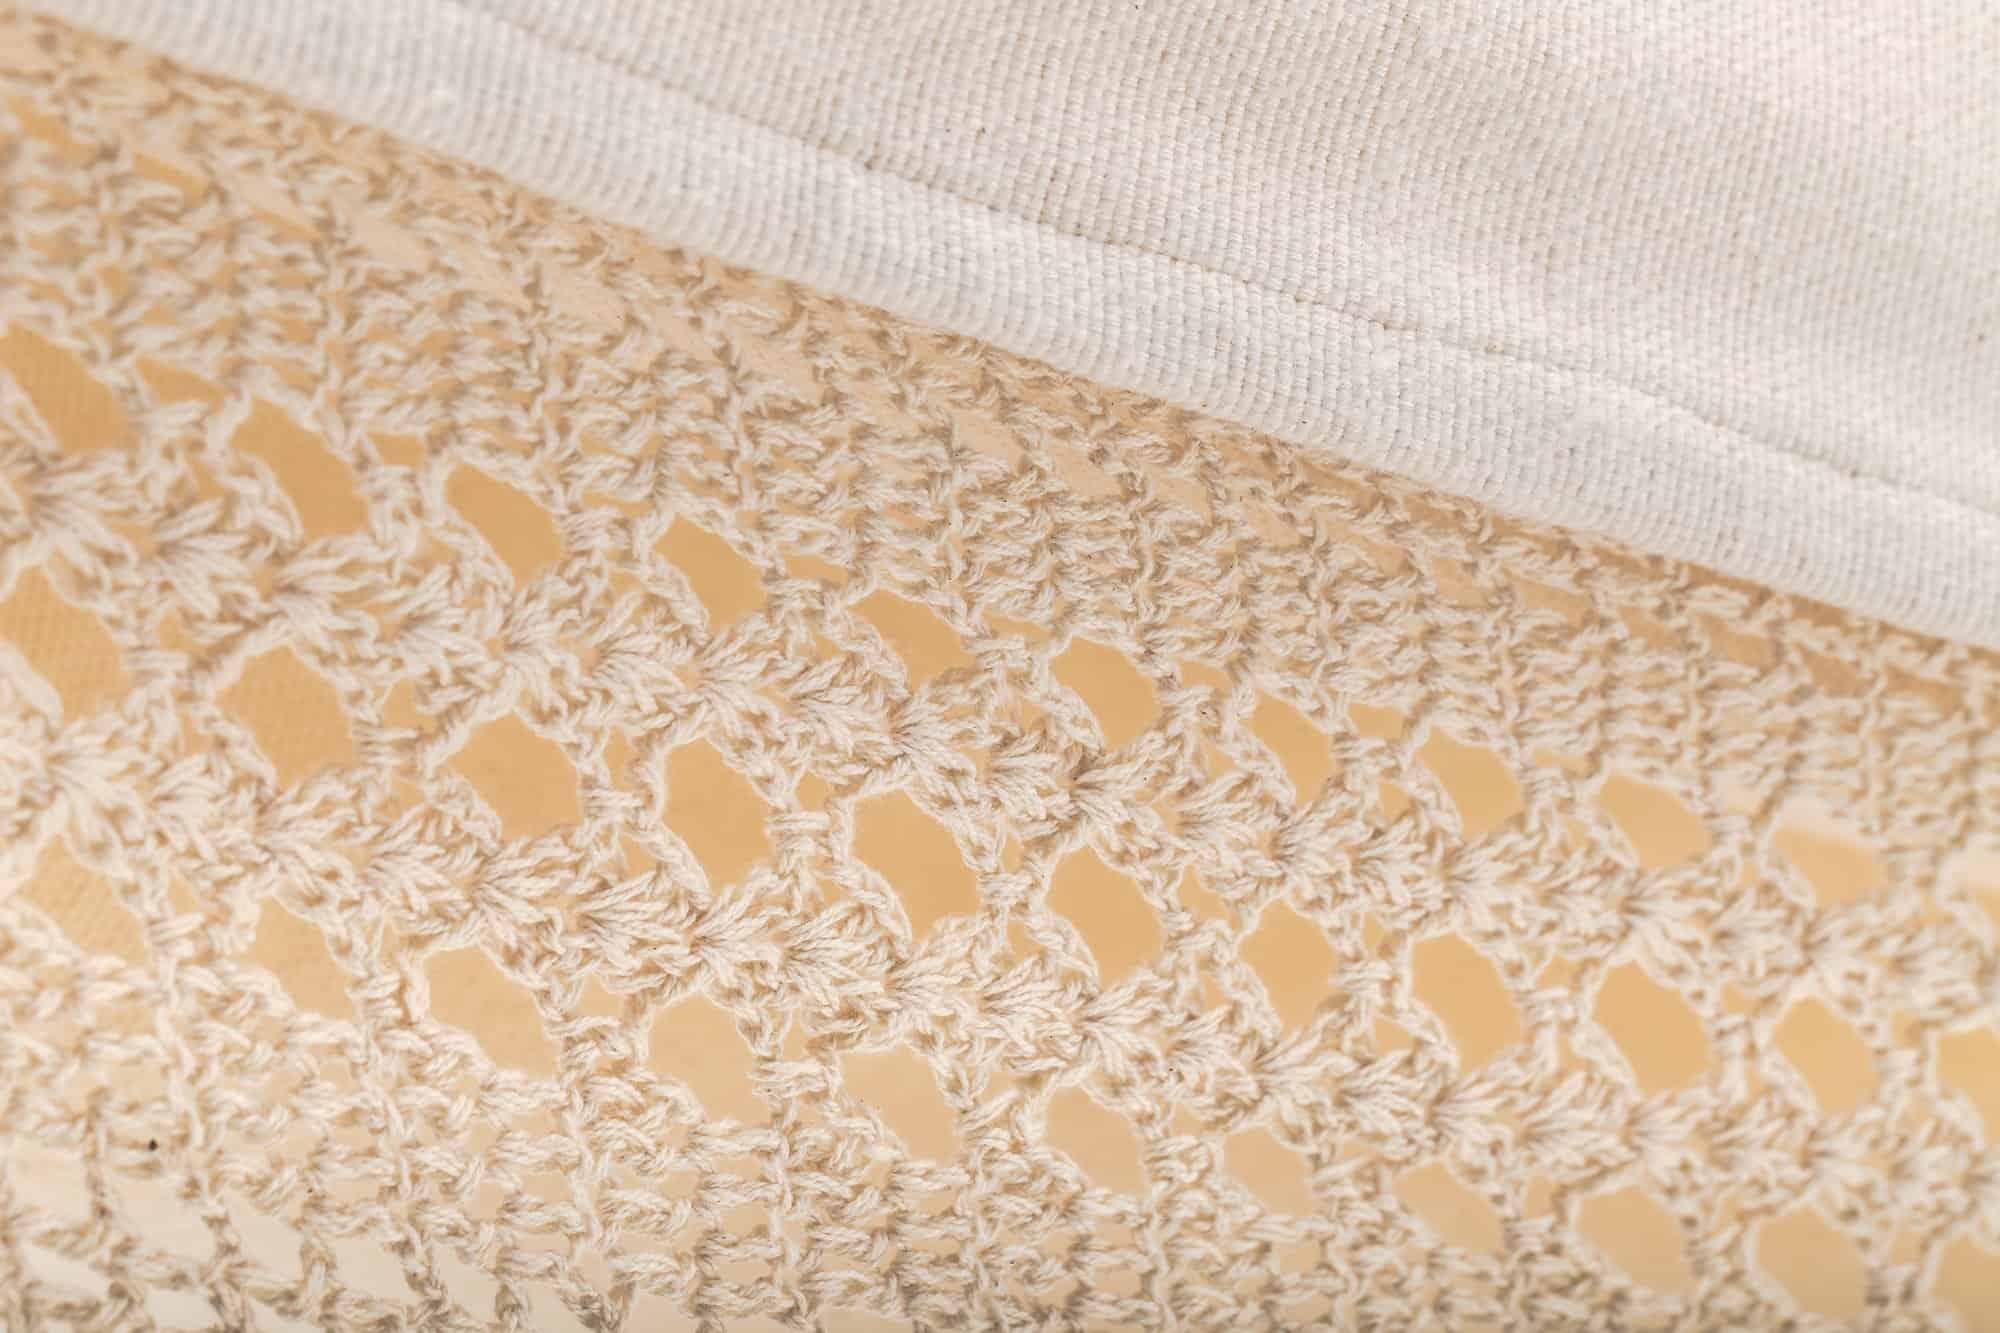 hangmat met franje | 2-persoons | naturel wit BIO katoen | ecomundy elegance XL 380